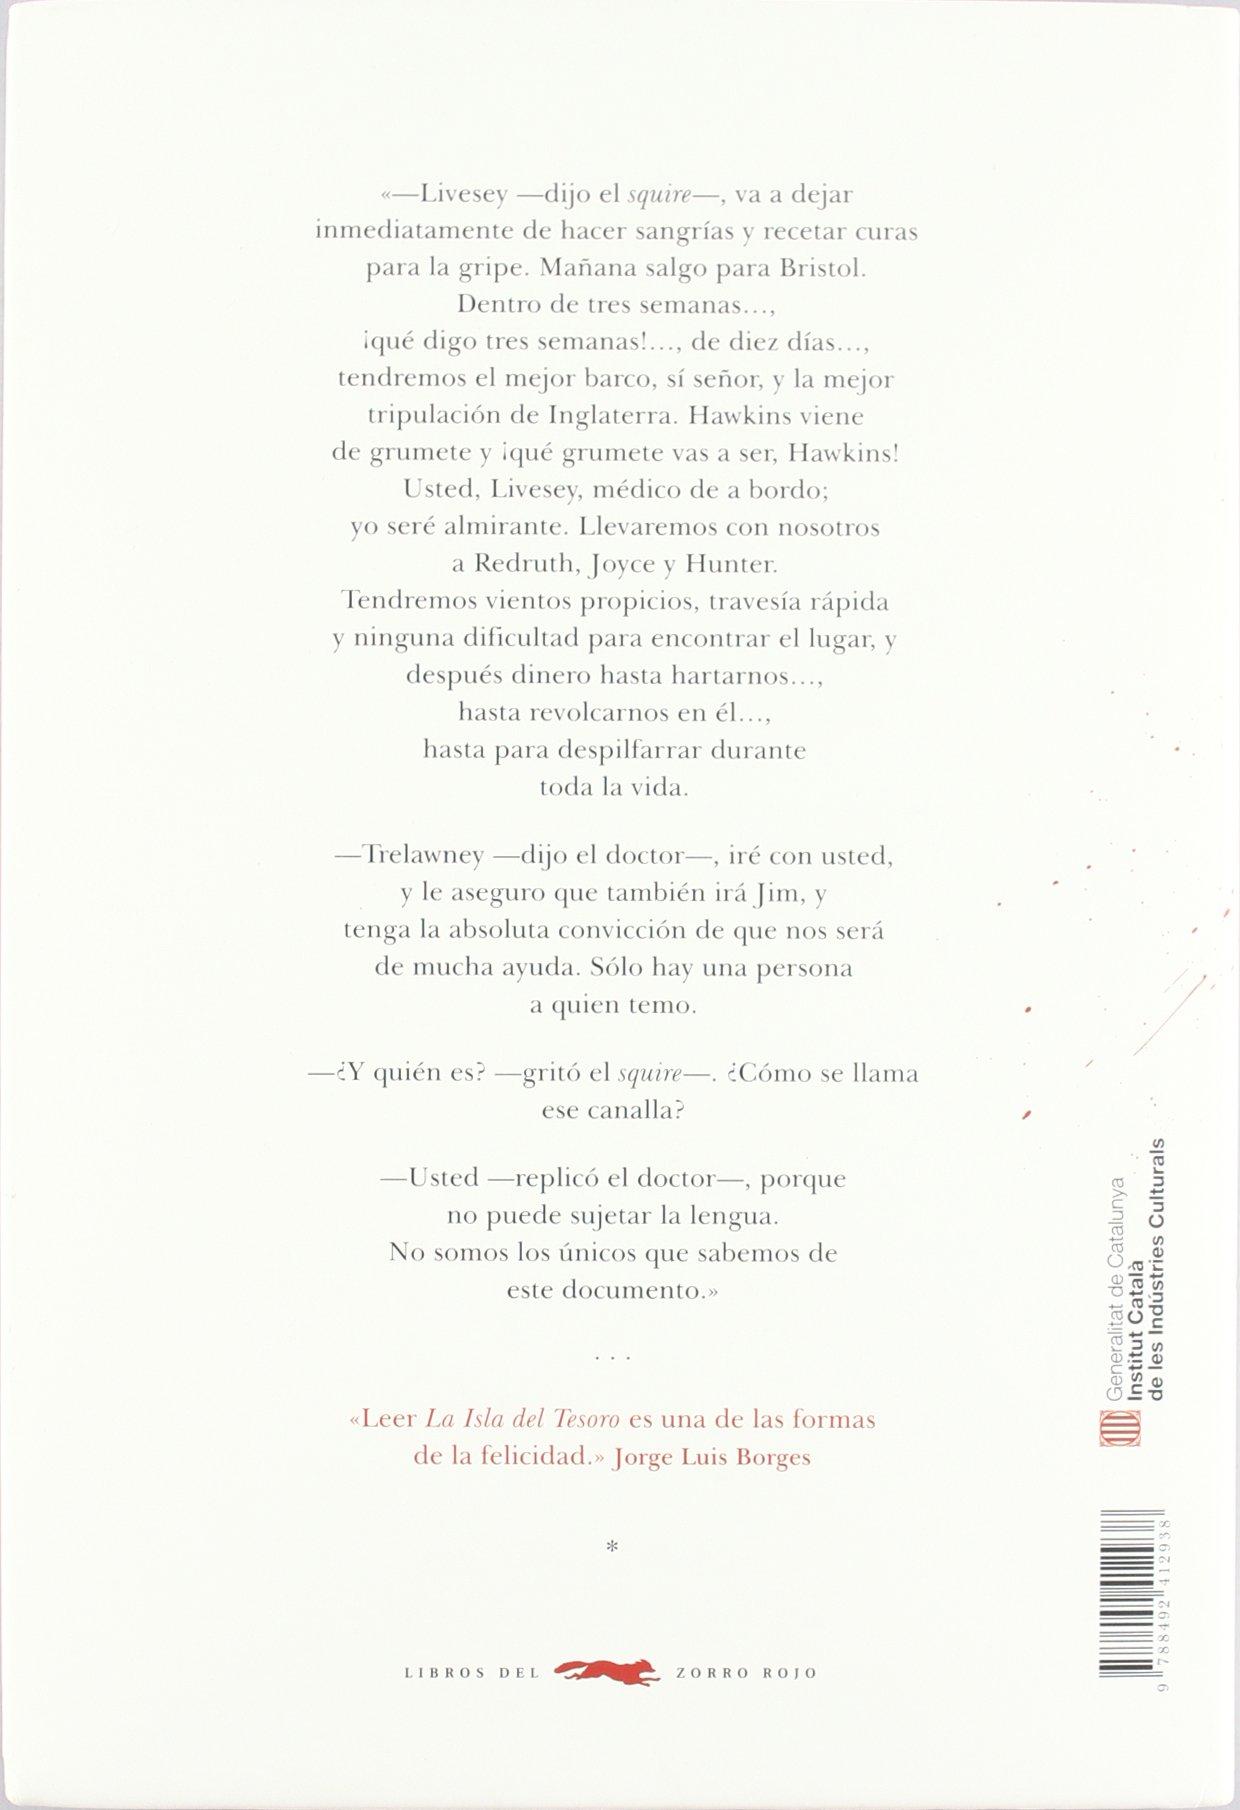 La isla del tesoro: Robert Louis ; Steadman, Ralph; Santoyo Mediavilla, Julio-César; Torroba, José Stevenson: 9788492412938: Amazon.com: Books